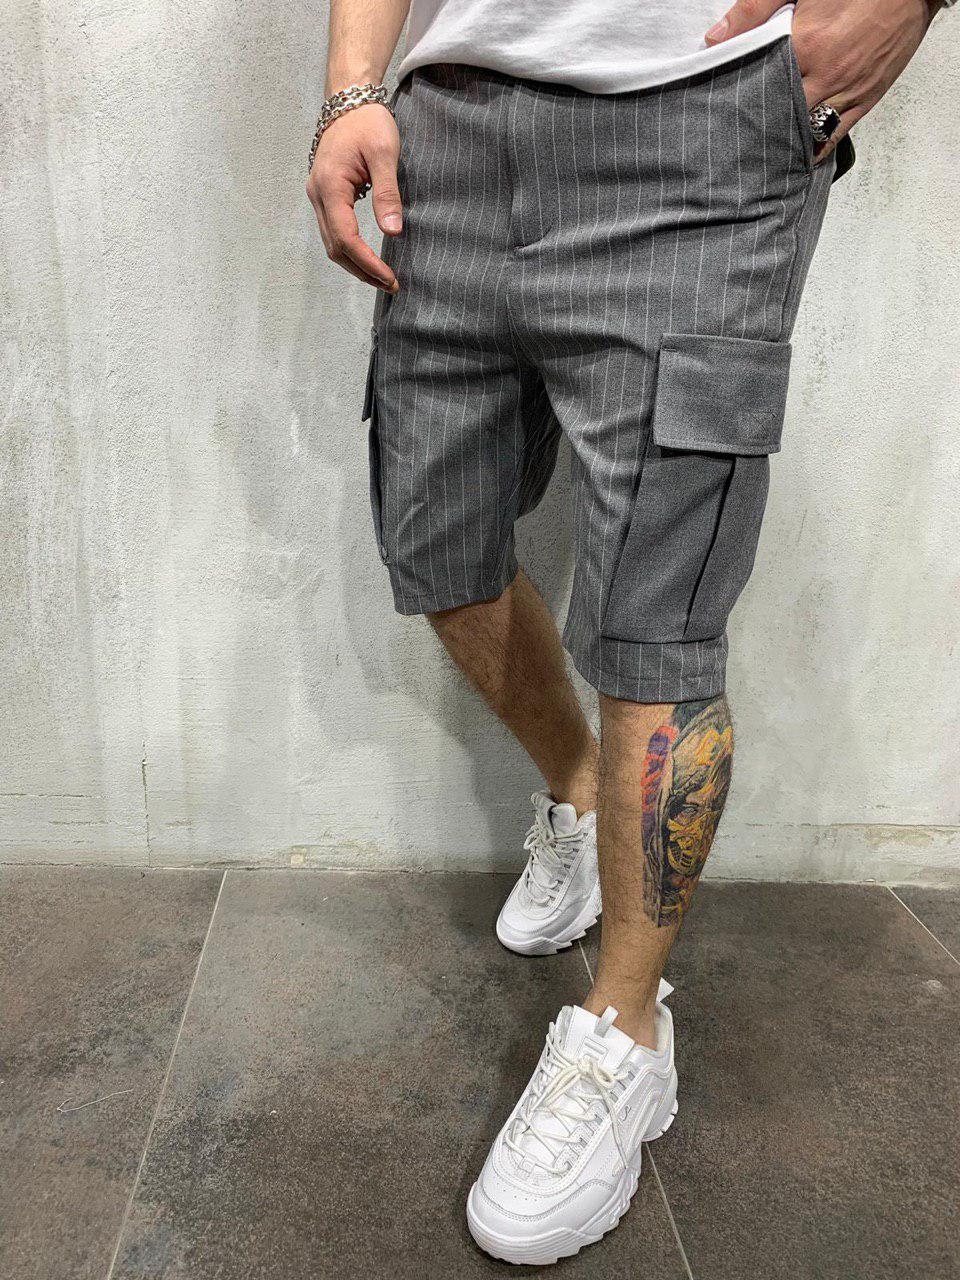 😜 Шорты - мужские синие рваные шорты темно-серый